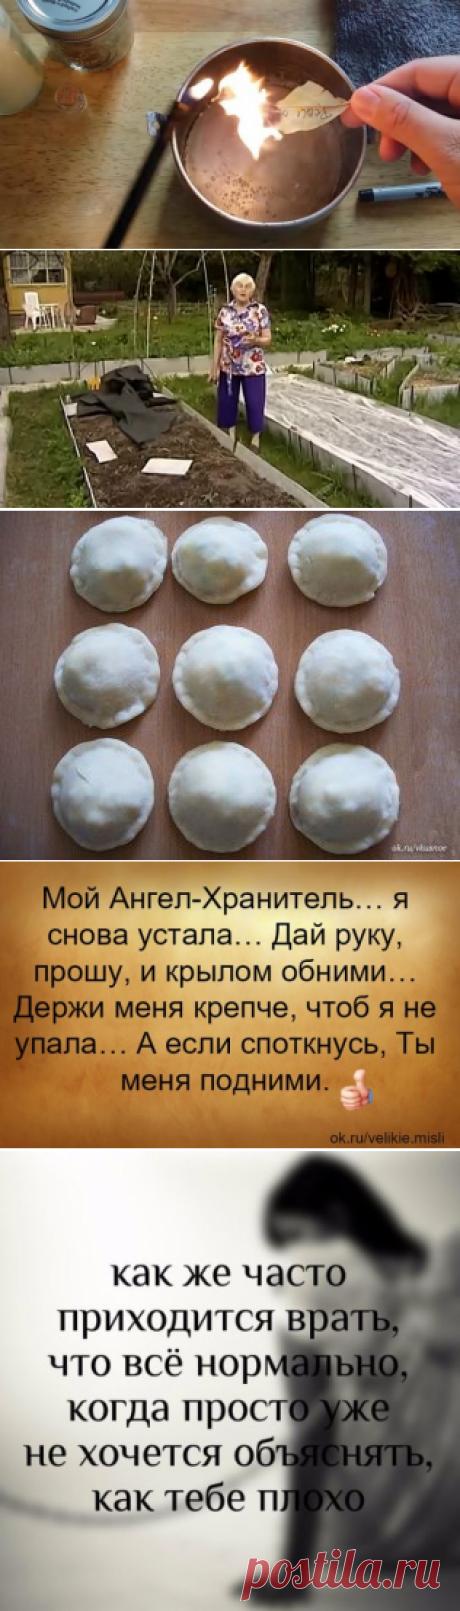 (58) Одноклассники